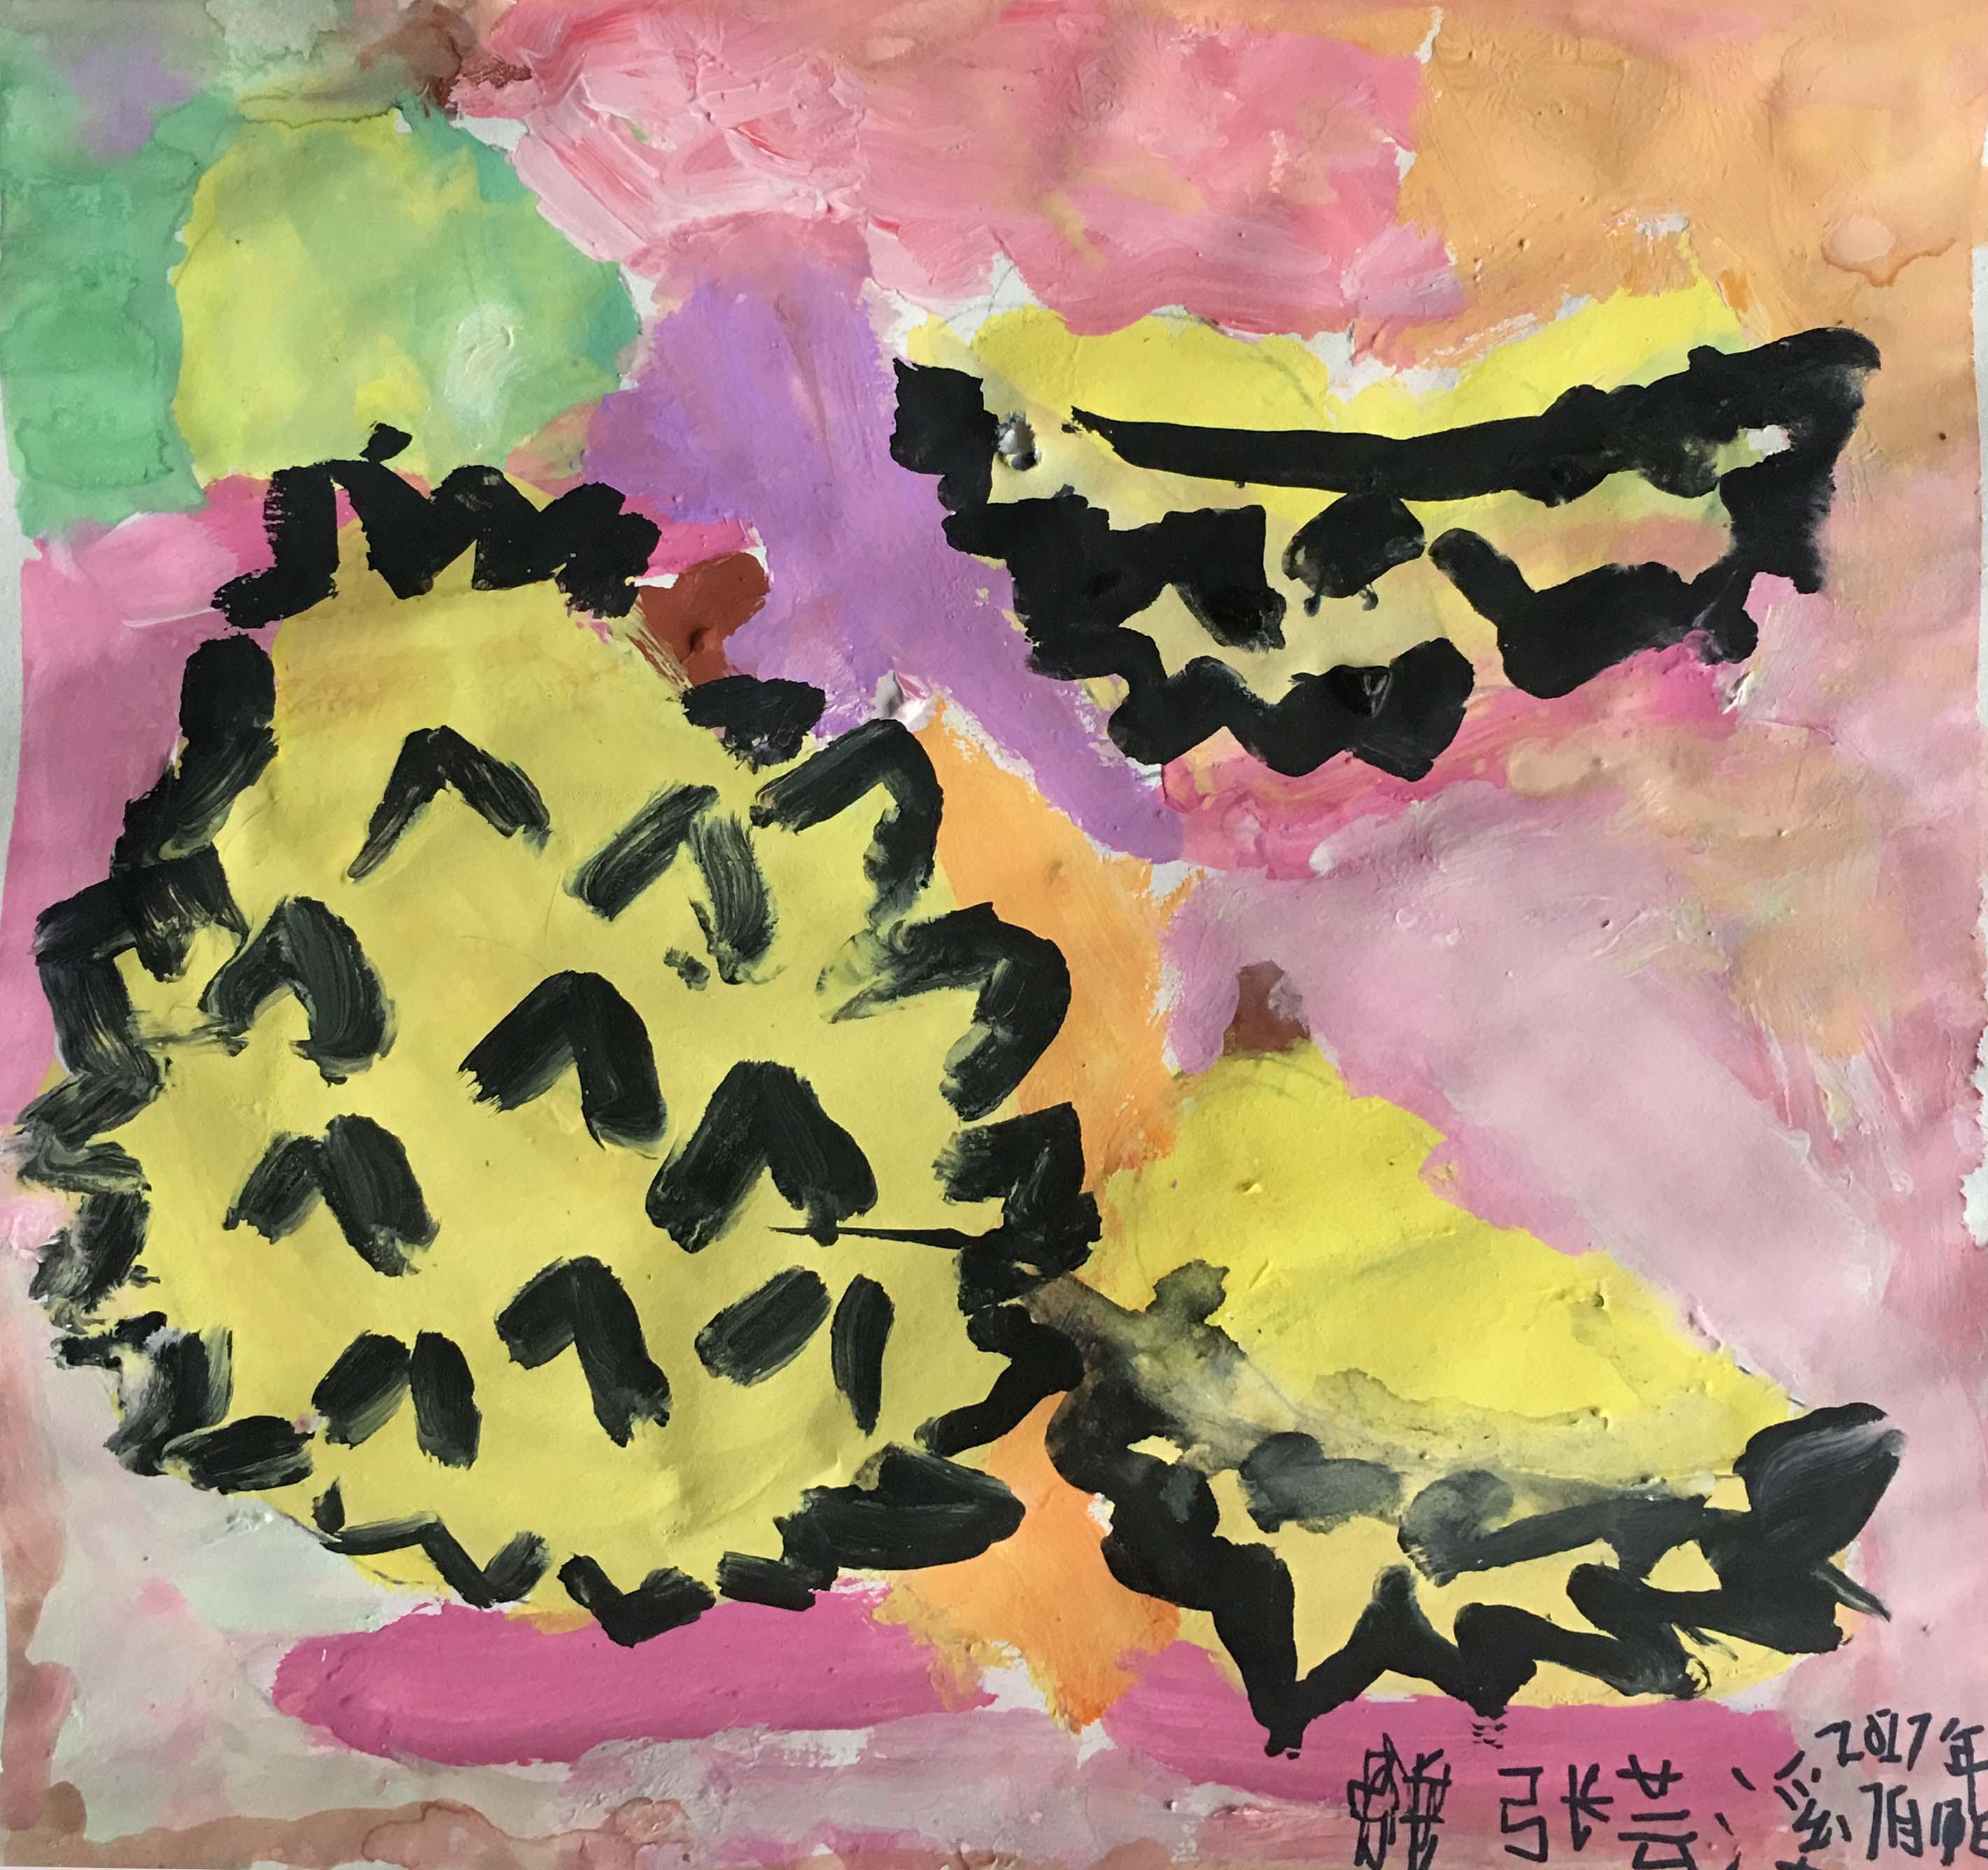 张芸溪-榴莲(水粉画)